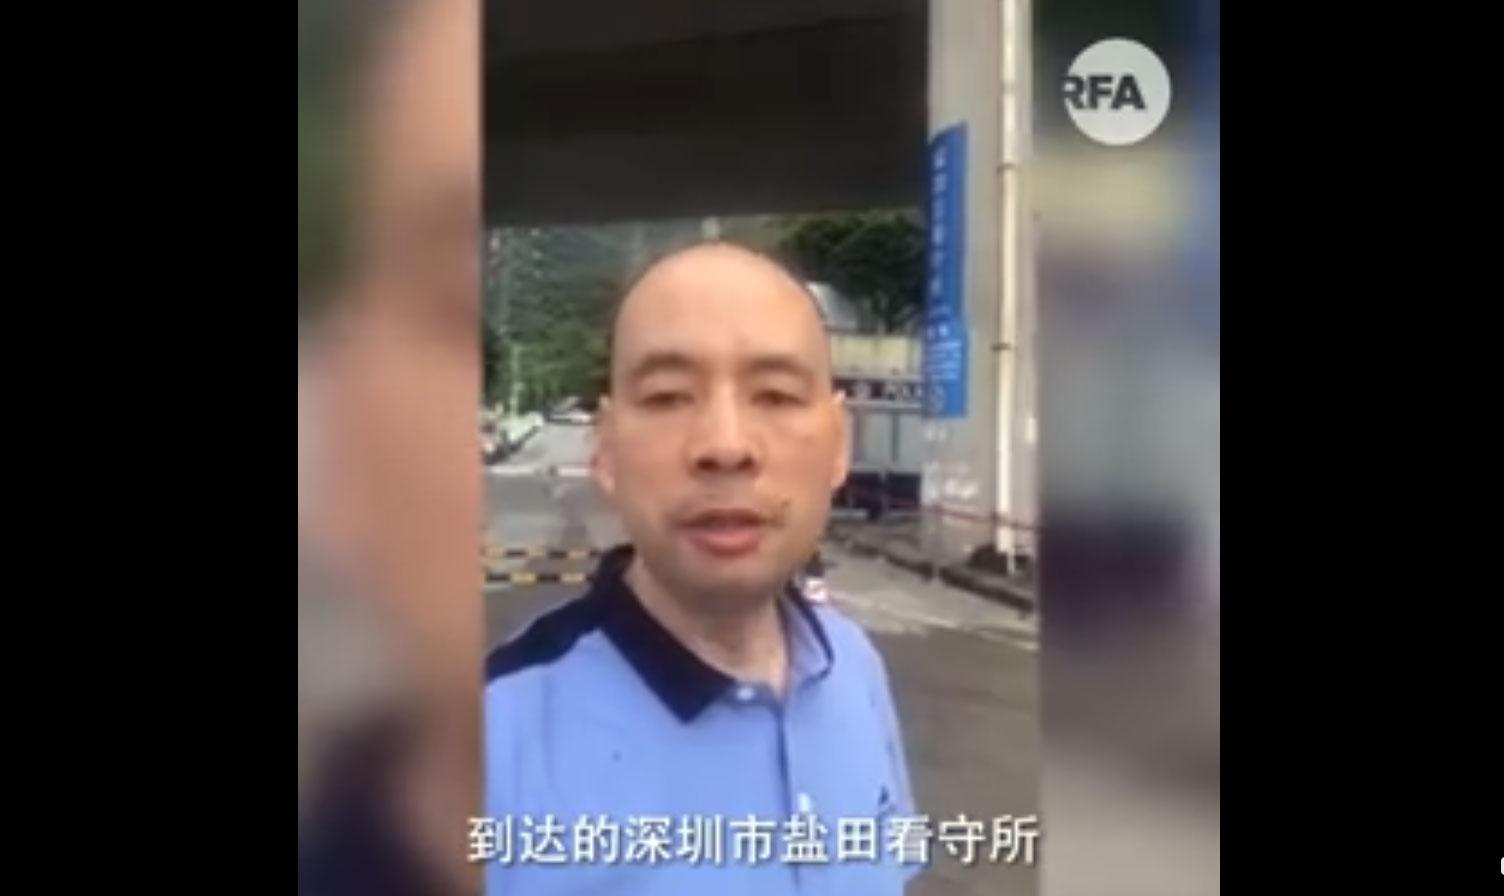 律师卢思位到深圳盐田看守所试图会见其中一名偷渡港人,但徒劳无功。 (视频截图)